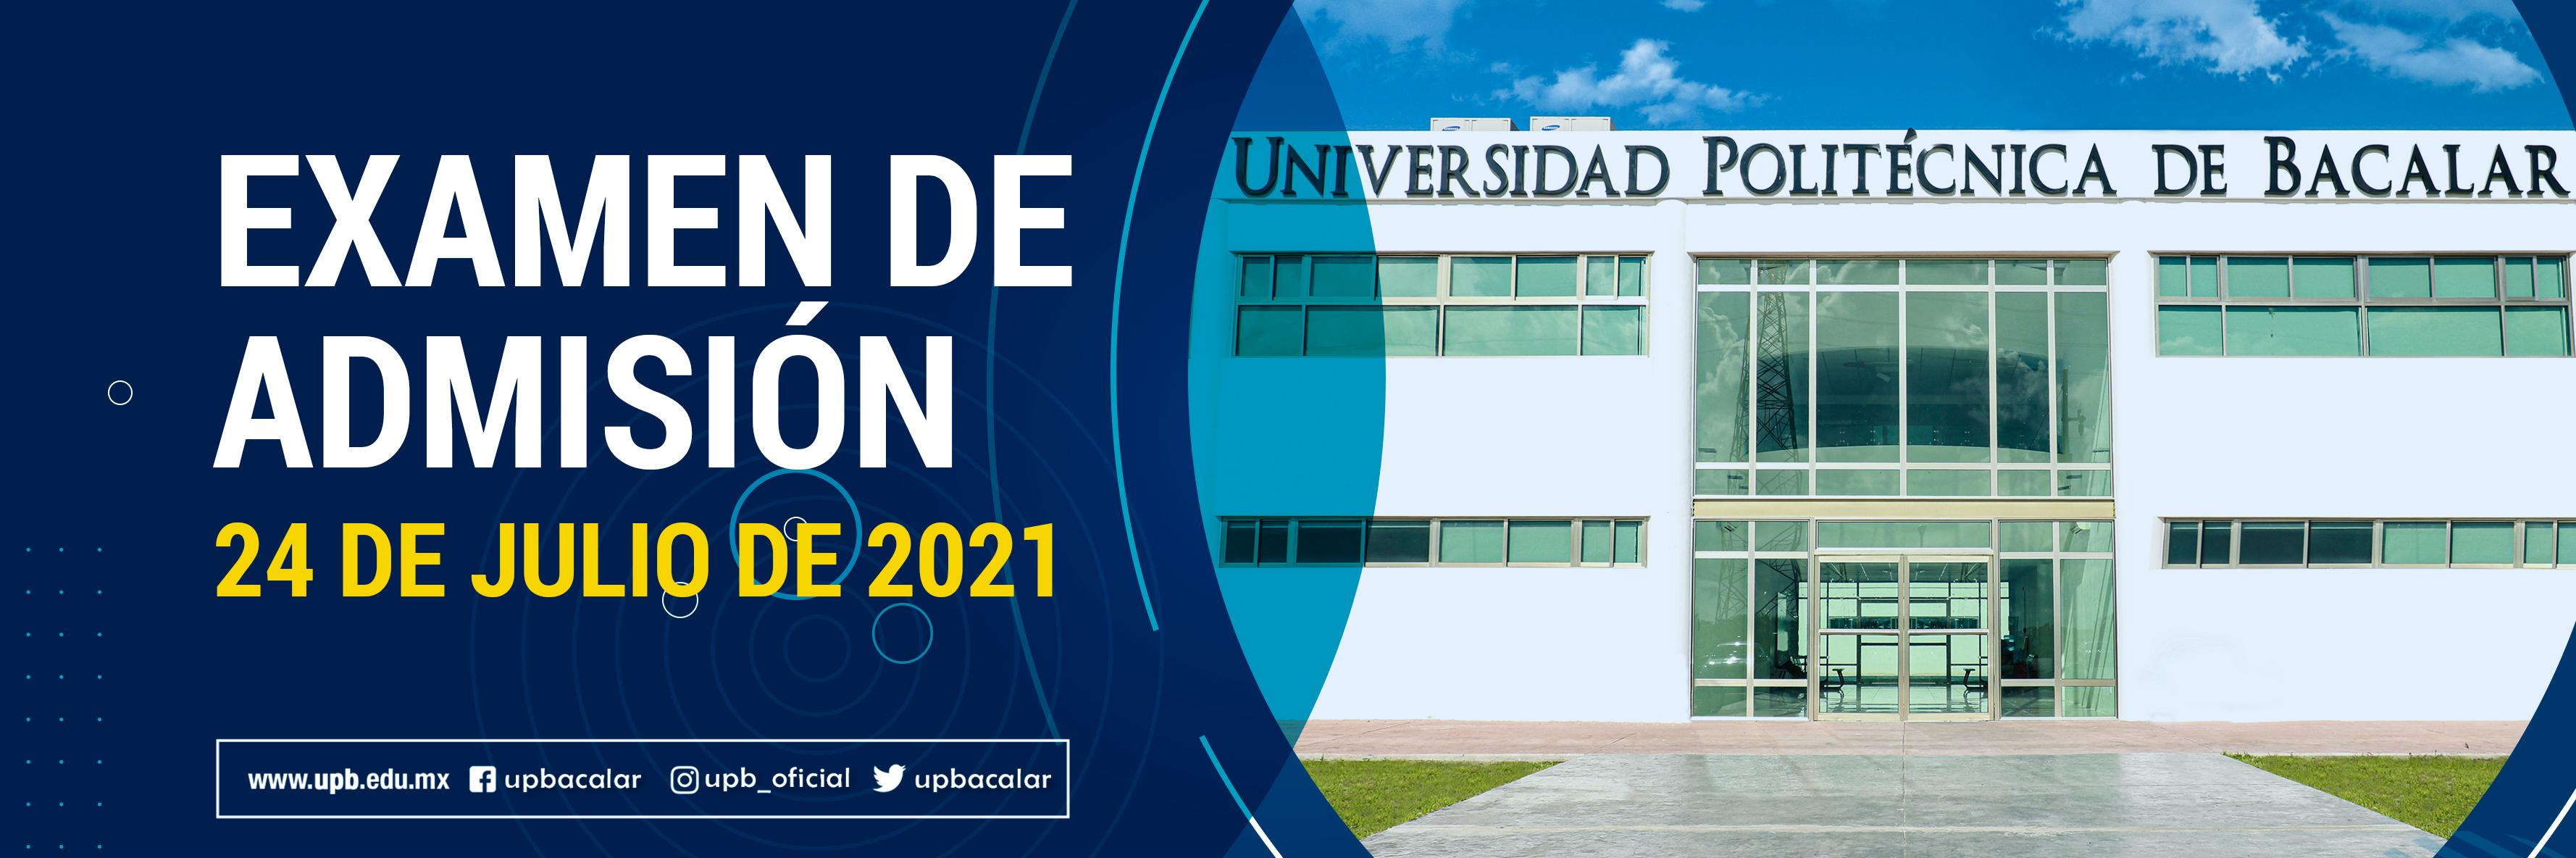 Examen de admisión 2021 web.jpg